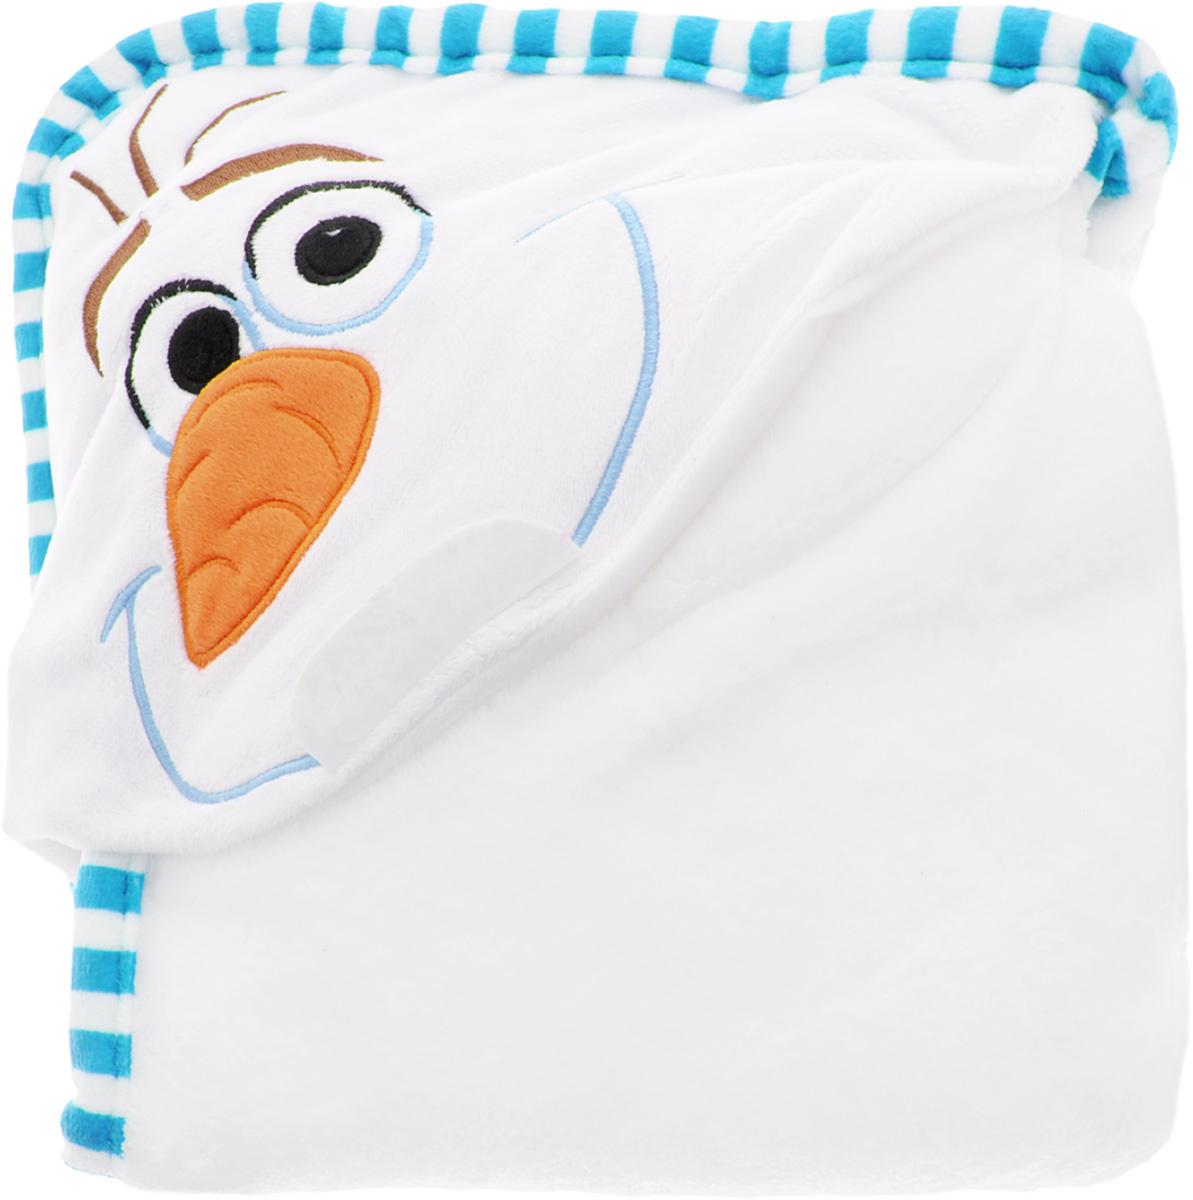 Disney Плед детский с капюшоном Olaf520313Детский плед с капюшоном Disney Olaf - удивительная и многофункциональная вещь, от приобретения которой выиграют все. Родители - потому что получают для своих любимых чад тёплое и мягкое покрывальце. Дети - потому что мягкий плед может использоваться как накидка или пончо, а это отличная возможность преобразиться из мальчика или девочки в любимого героя. Данная текстильная продукция занимает высокие позиции на потребительском рынке благодаря своему оригинальному дизайну и безопасным материалам.